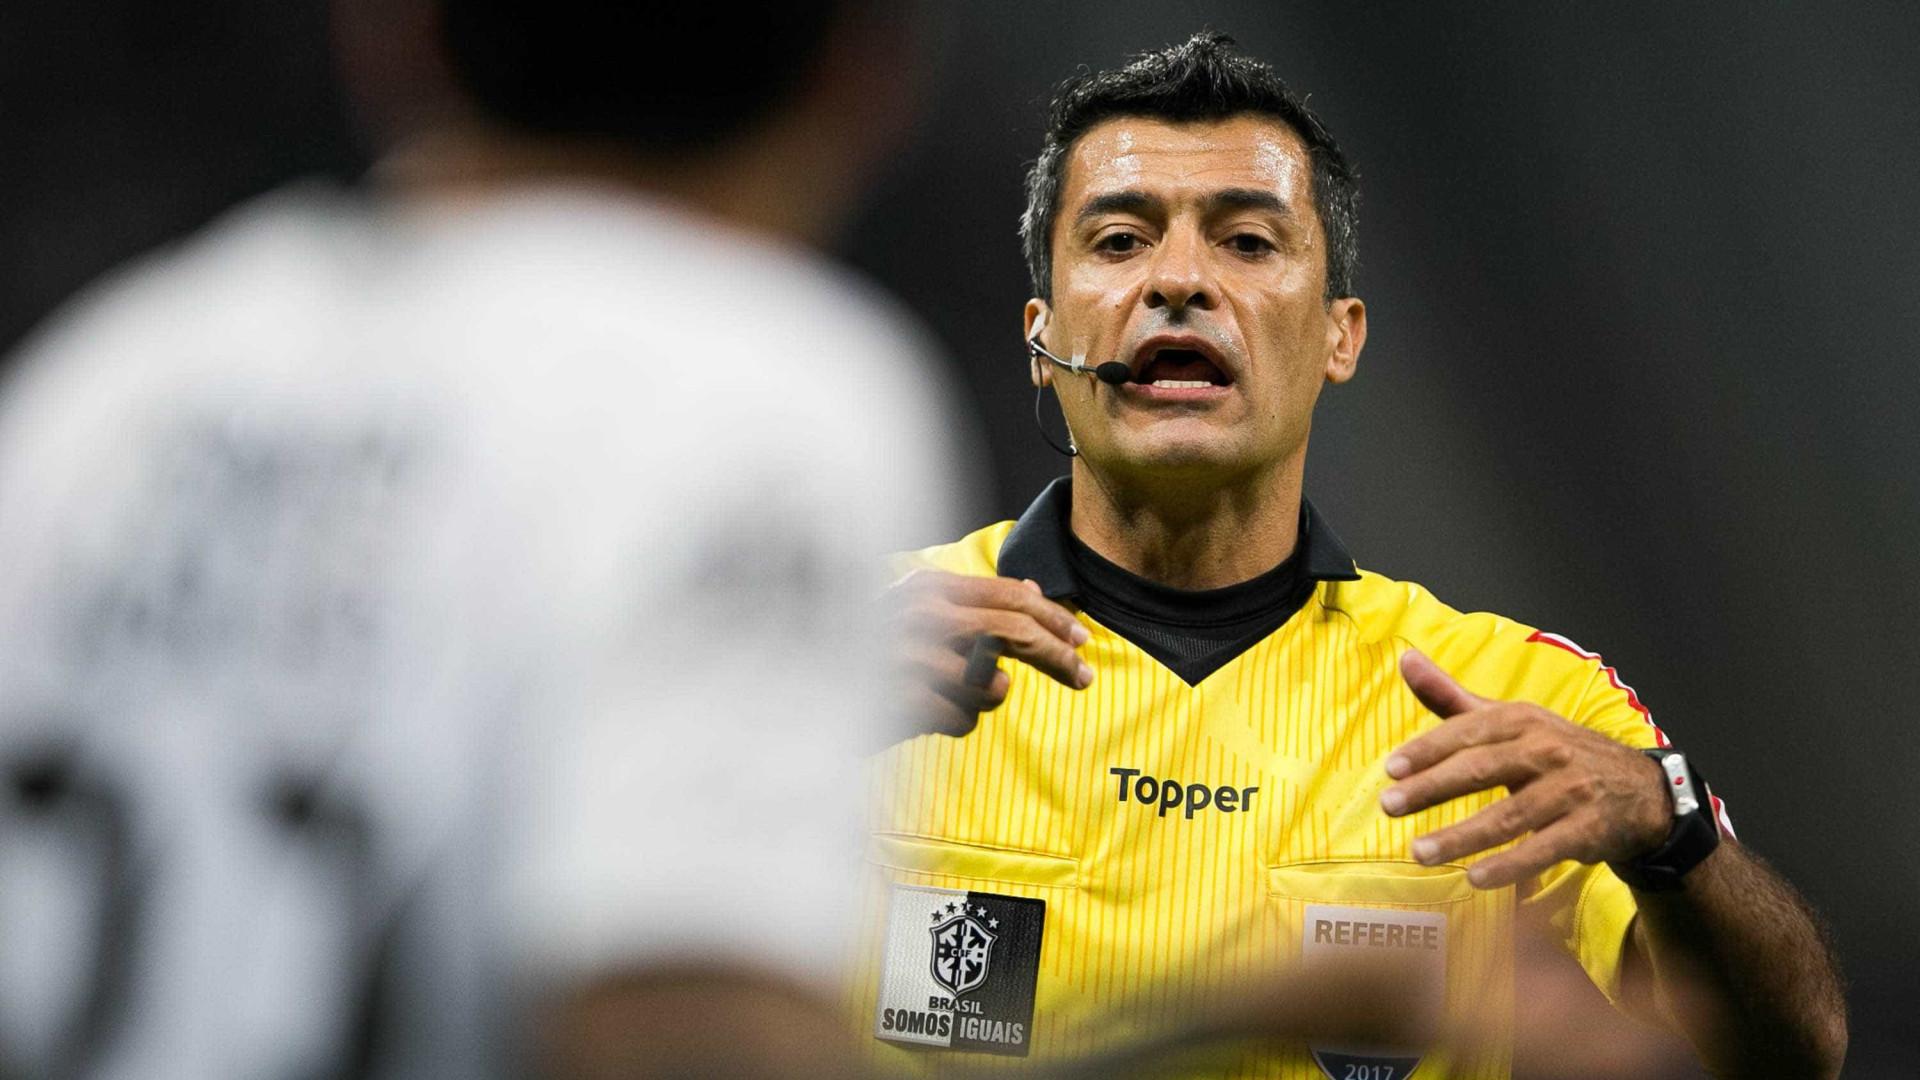 Mesmo na Copa, árbitro mantém salário de R$ 25 mil do governo federal